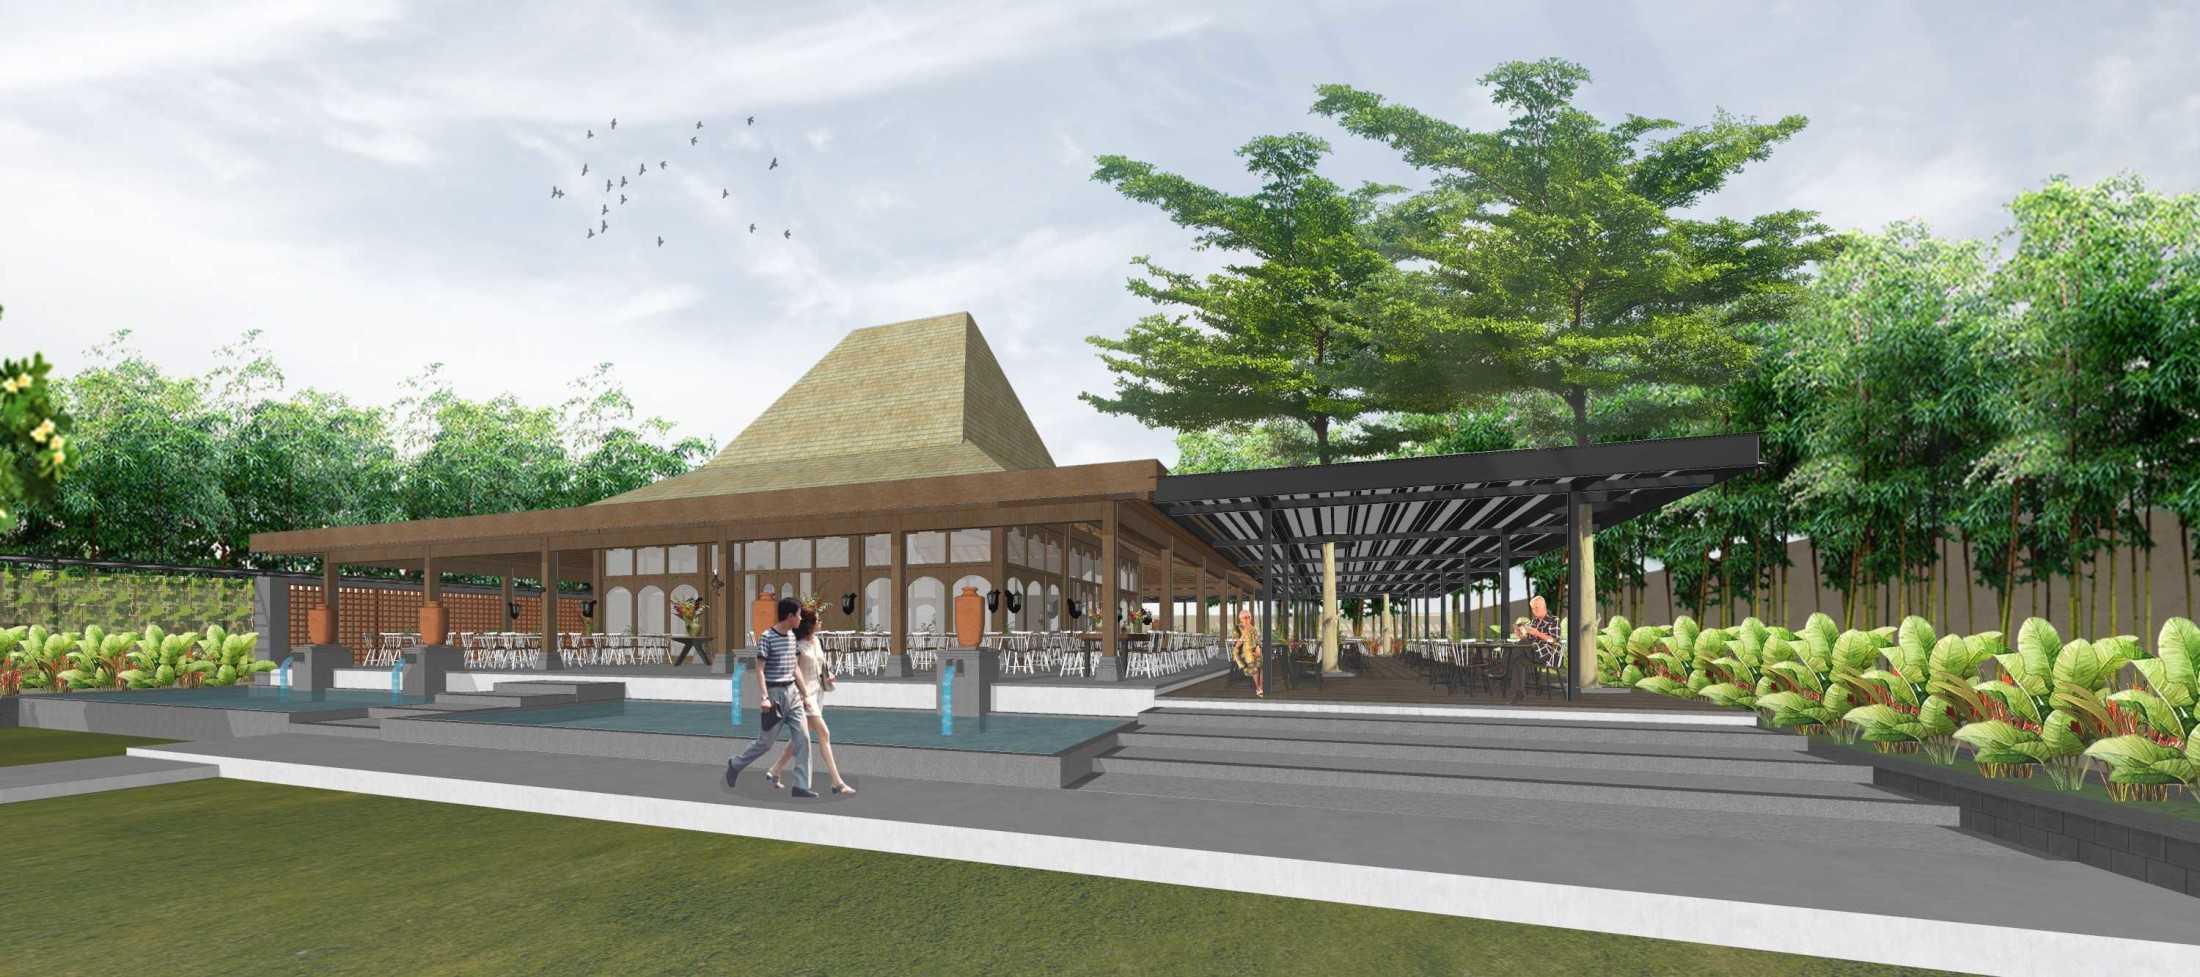 San+ Architects Restaurant & Cafe Chandaka Bekasi, Kota Bks, Jawa Barat, Indonesia Bekasi, Kota Bks, Jawa Barat, Indonesia San-Architects-Restaurant-Cafe-Chandaka  112900